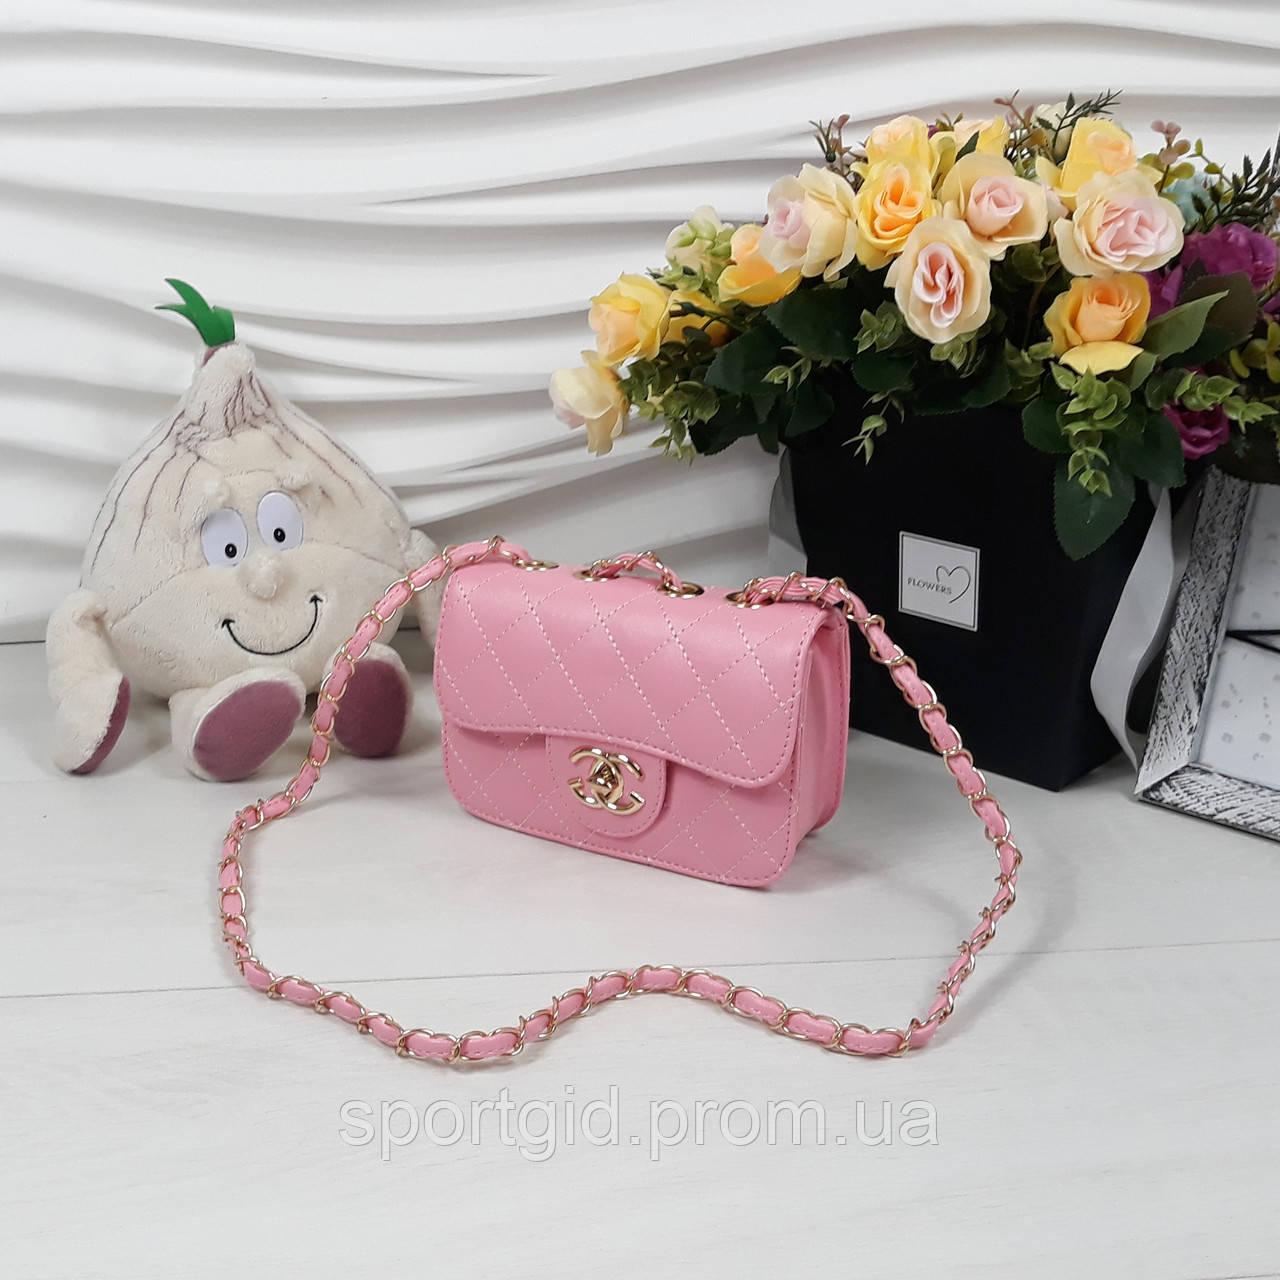 b37320edbd4f Модная, стильная детская сумочка Шанель/ сумочка для девочки на плечо - Интернет  магазин ShopoVik